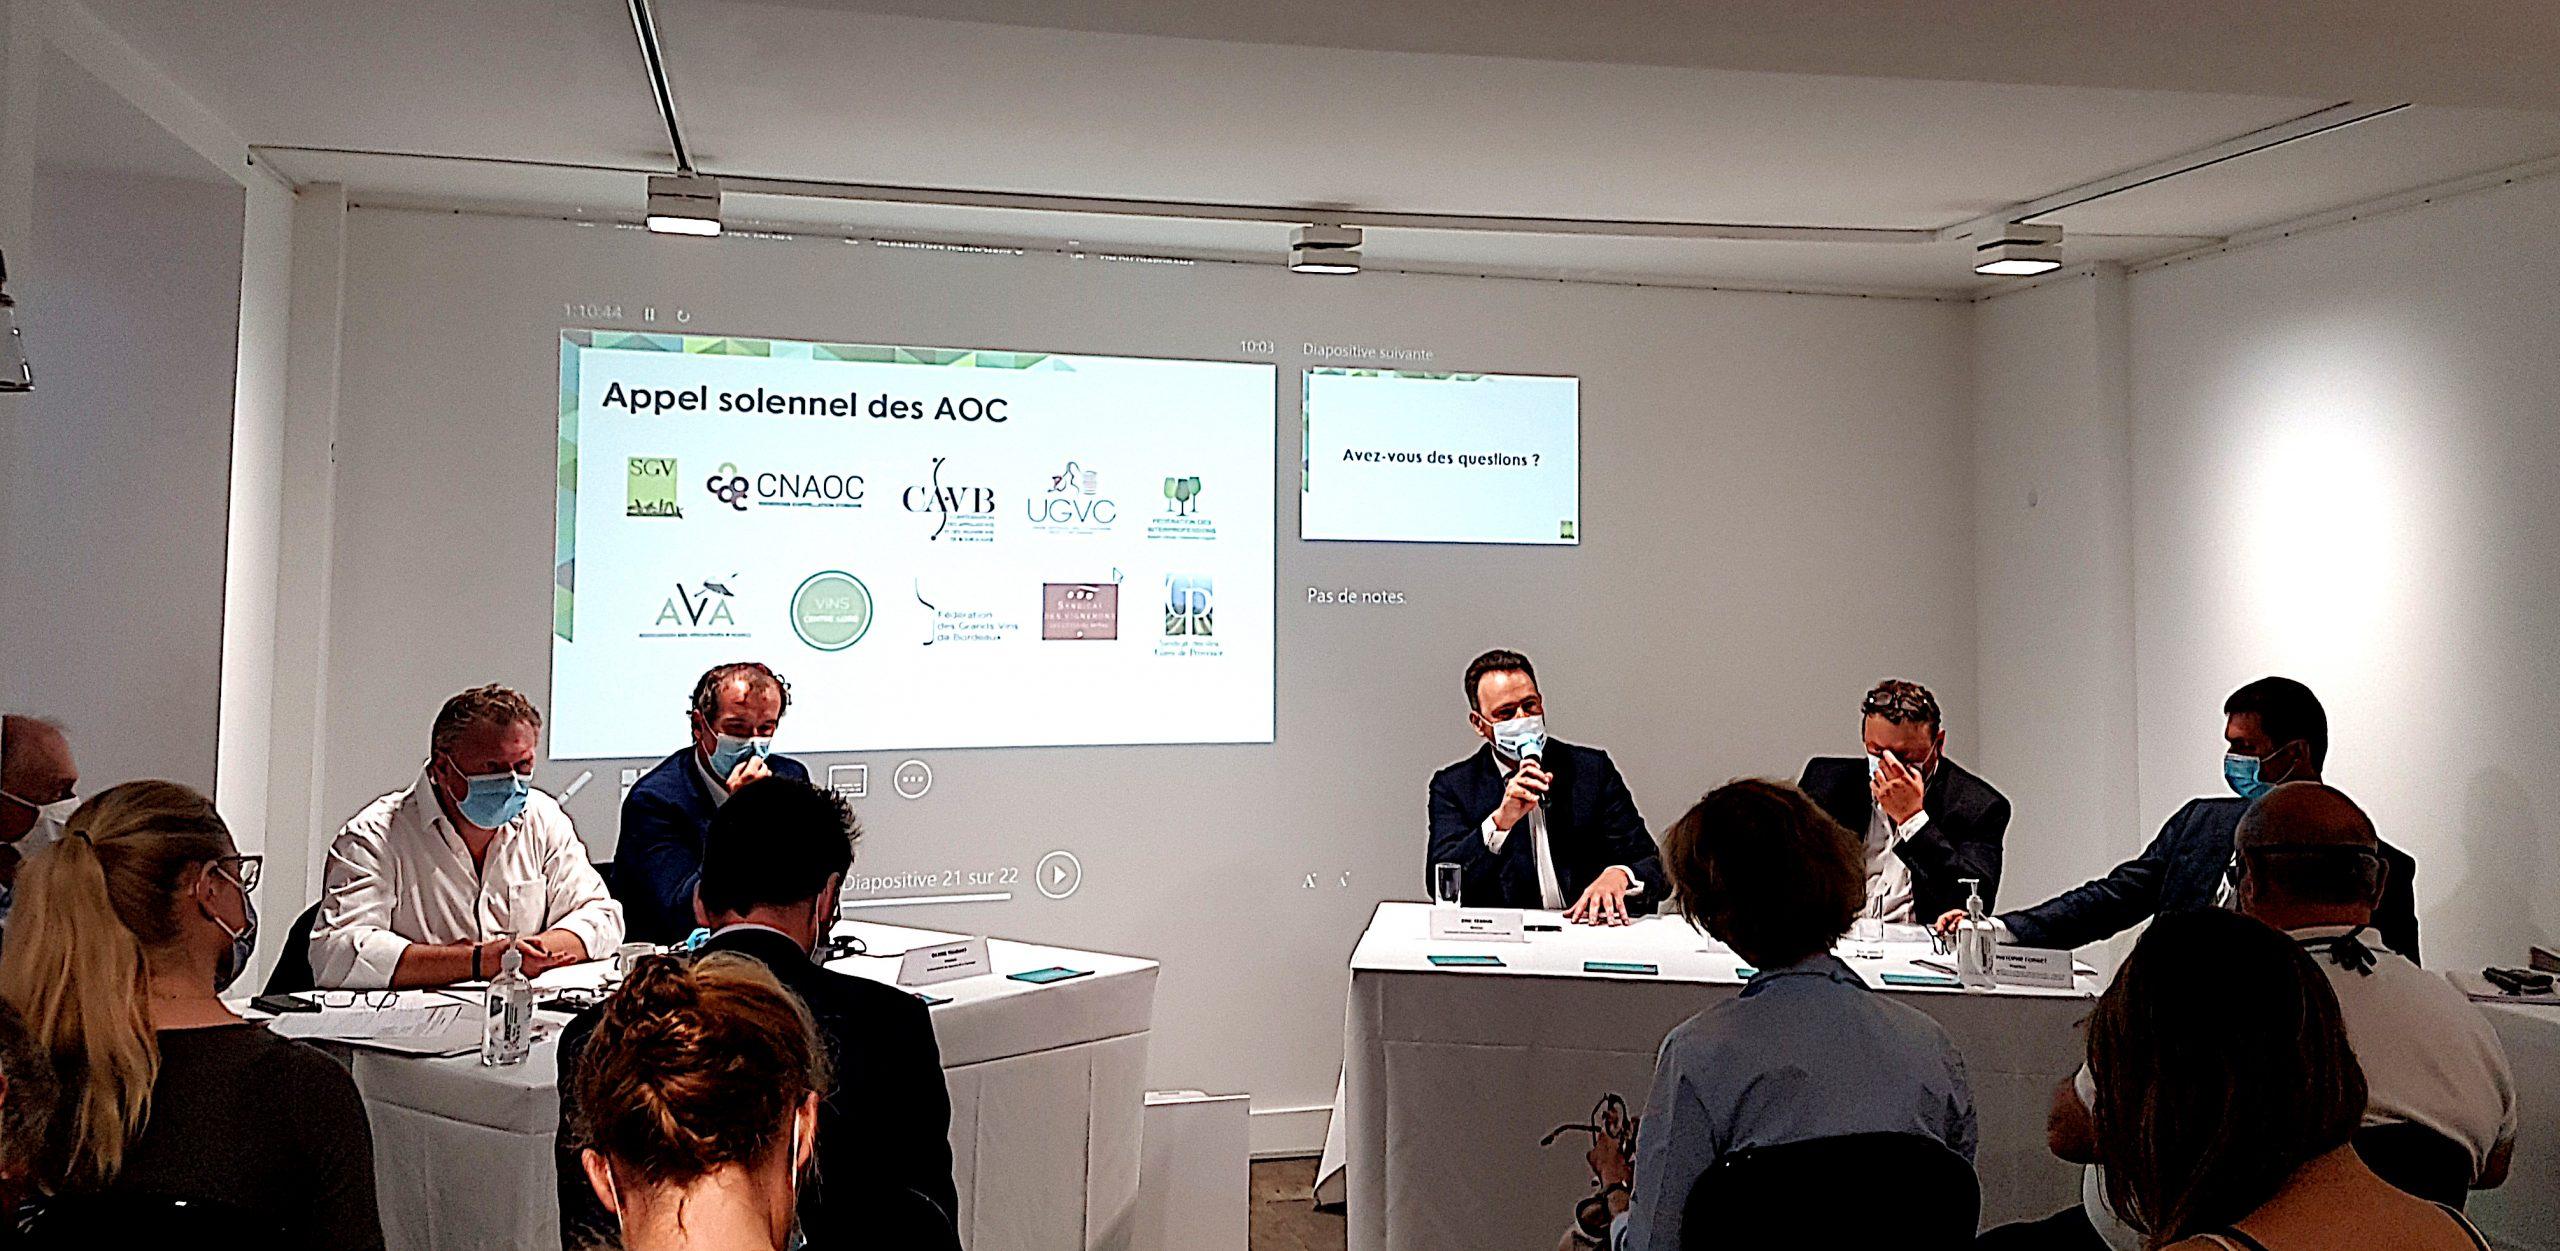 Photo de la conférence de presse SGV Champagne et CNAOC du 16 septembre 2020. Crédit Photo Pierre d'Ornano Aeternus.fr